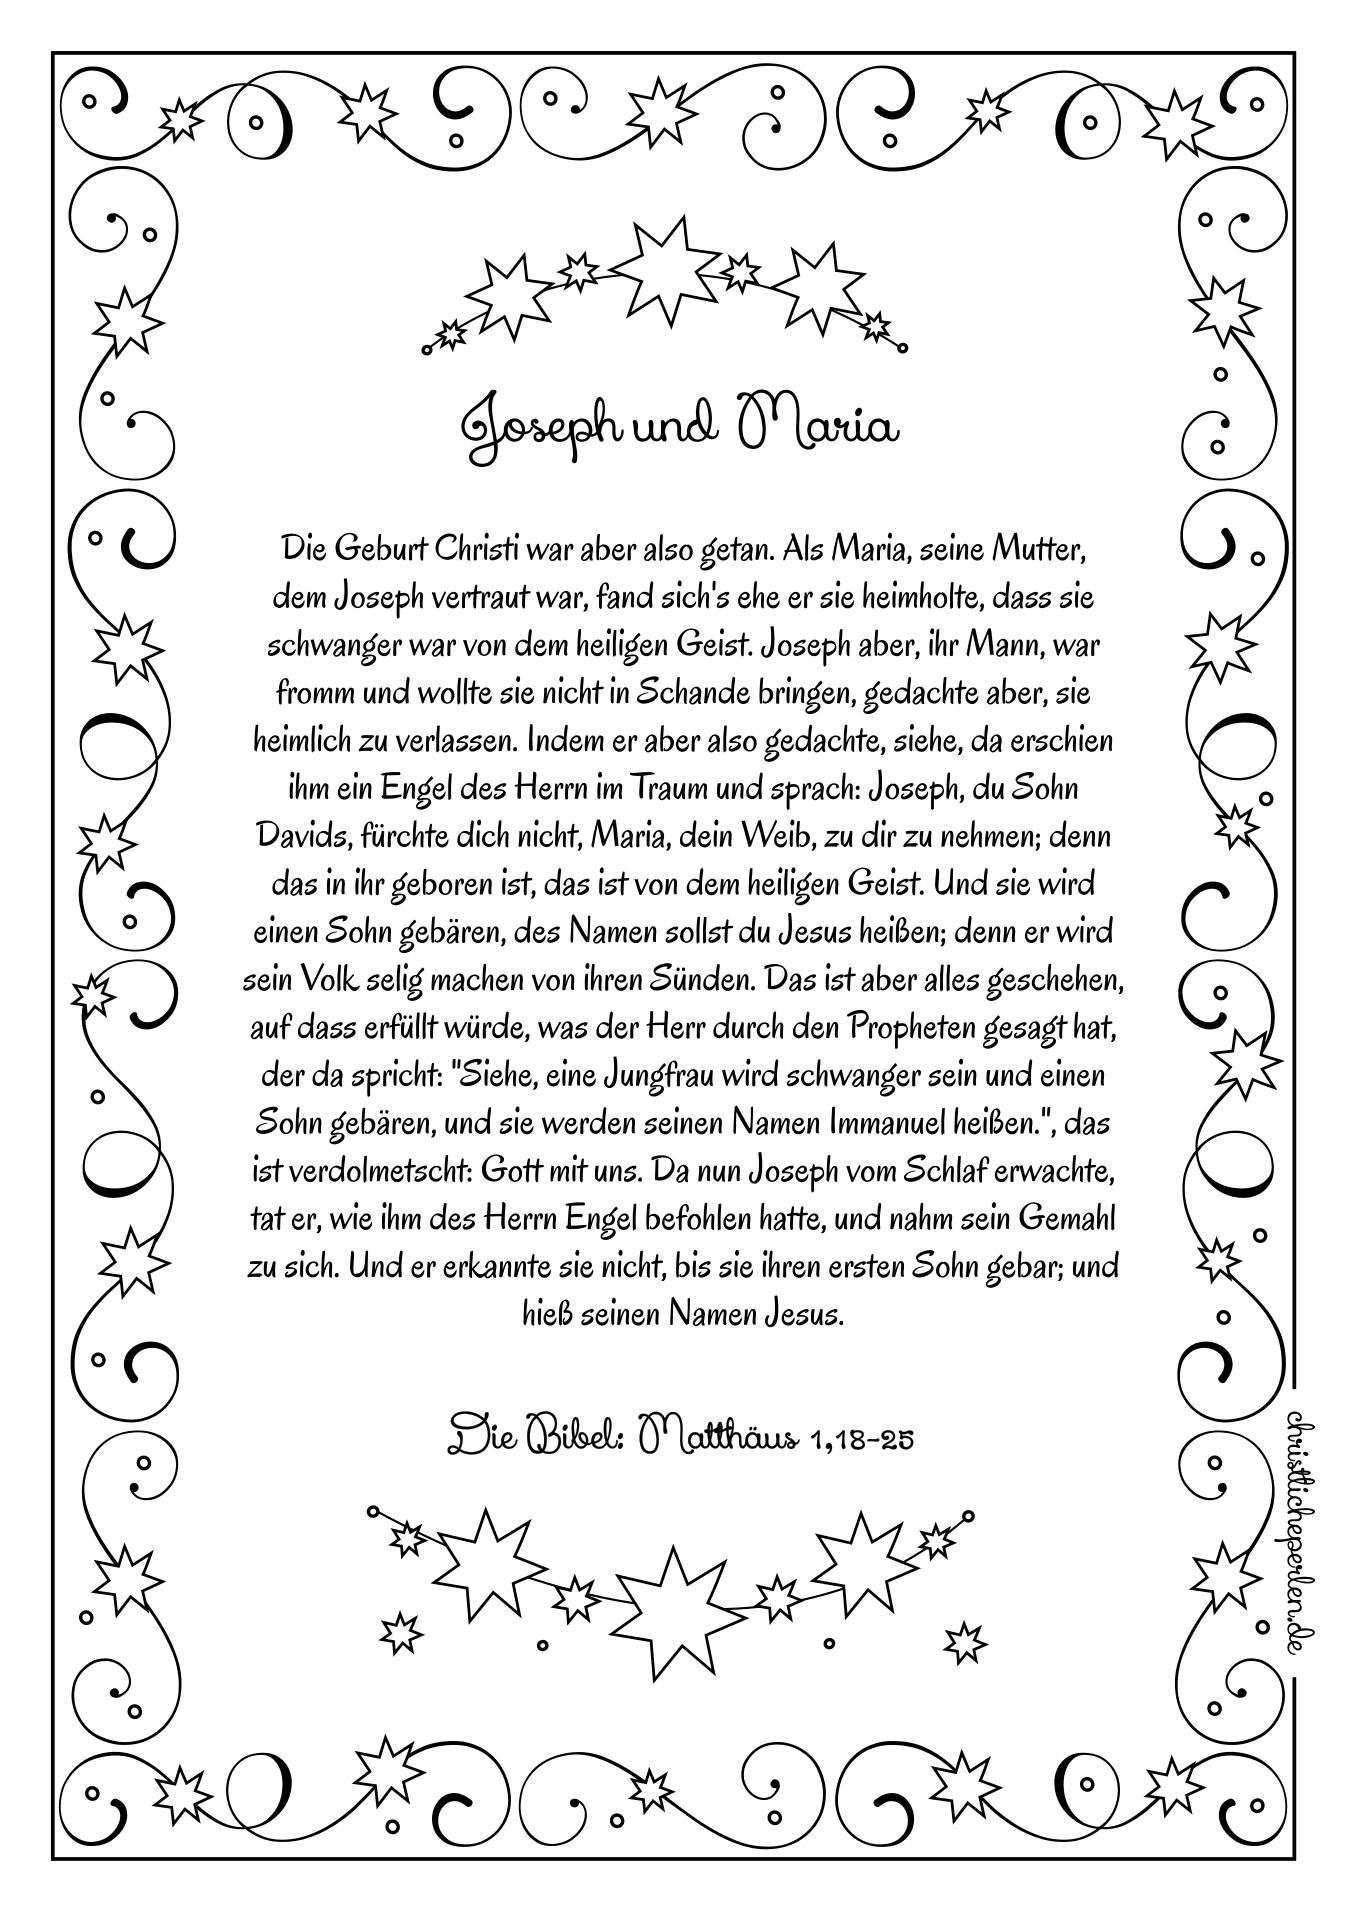 Simeon Und Hanna | Christliche Perlen bestimmt für Weihnachtsgeschichte Bibel Für Kindergartenkinder